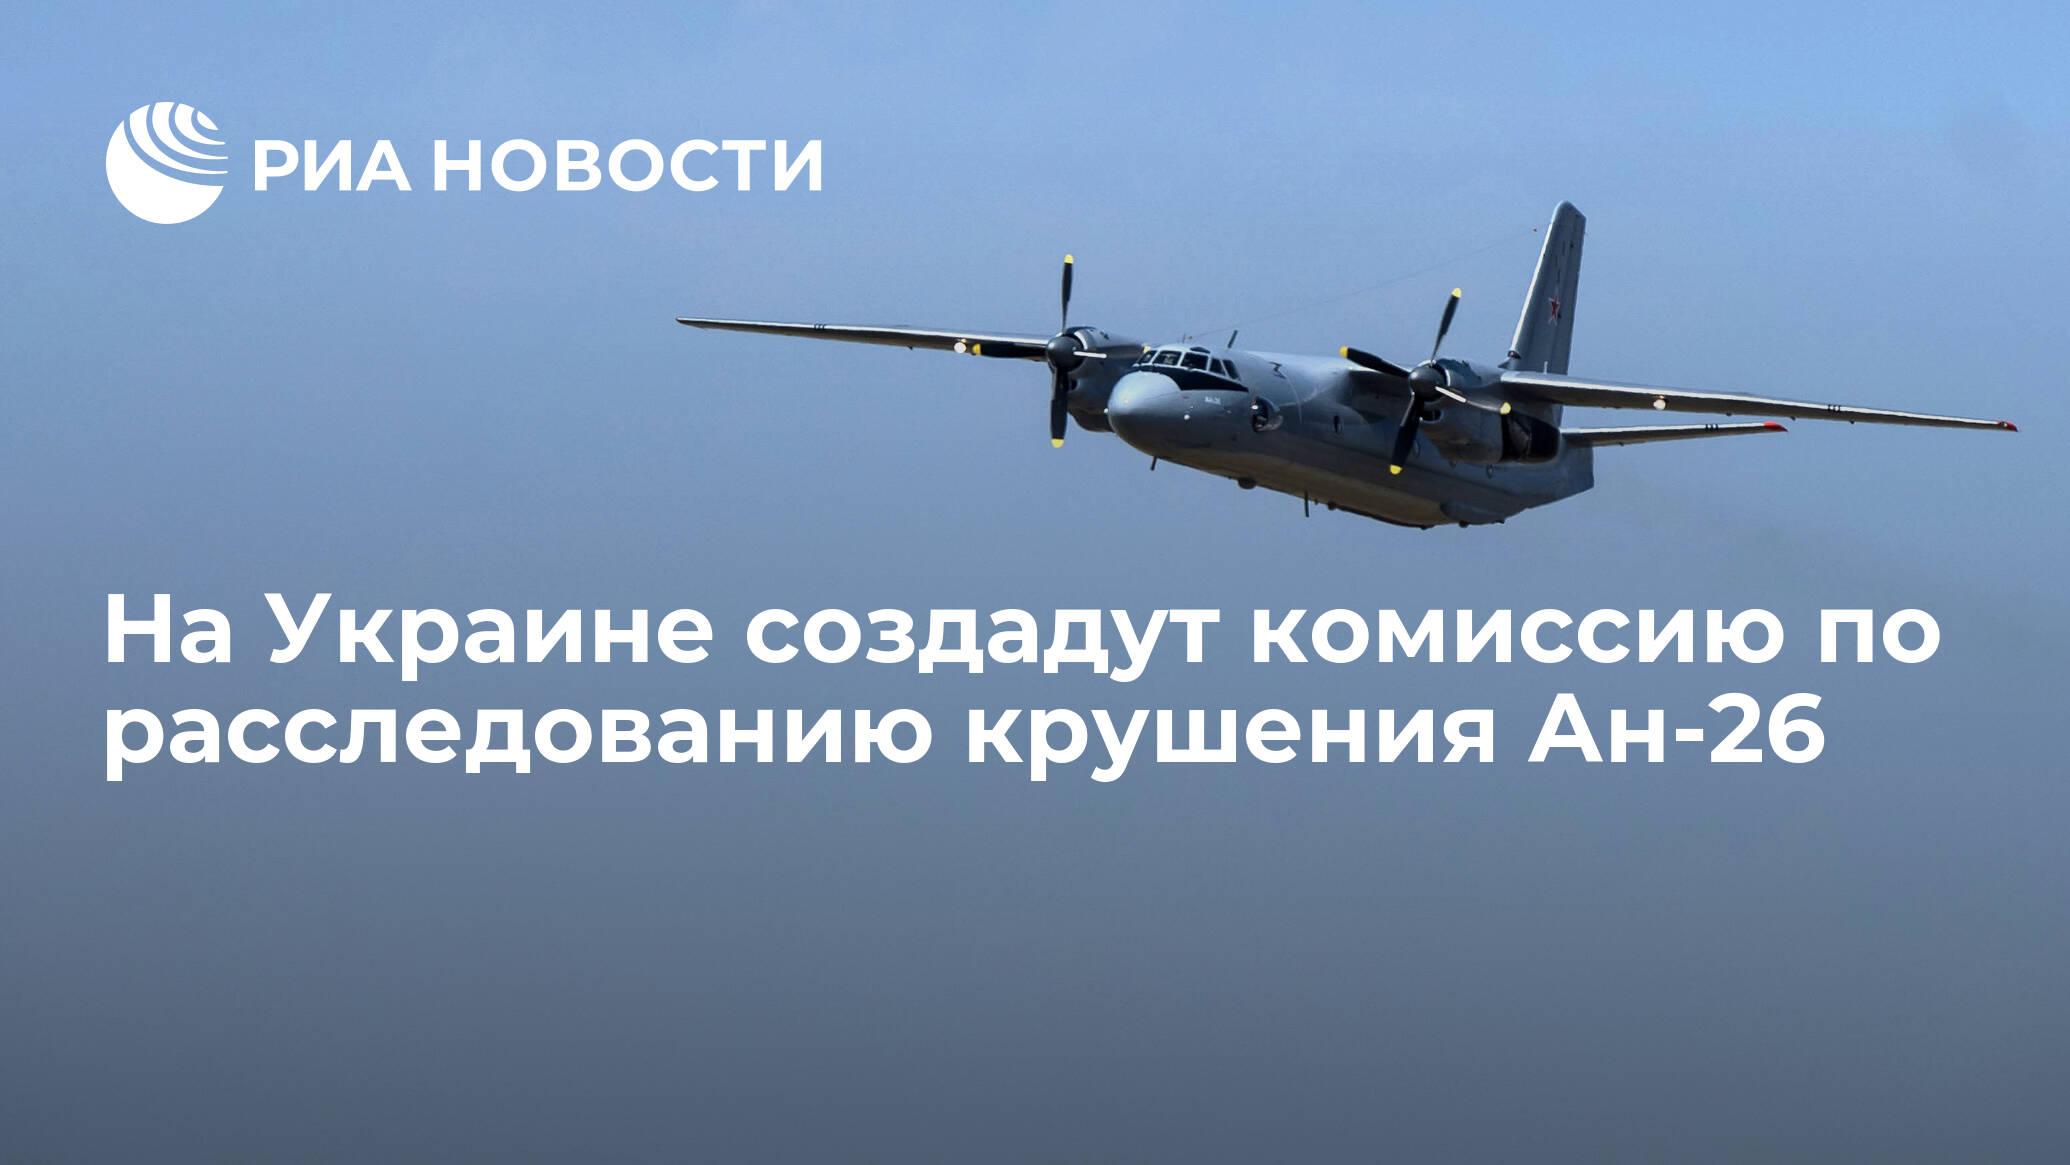 На Украине создадут комиссию по расследованию крушения Ан-26